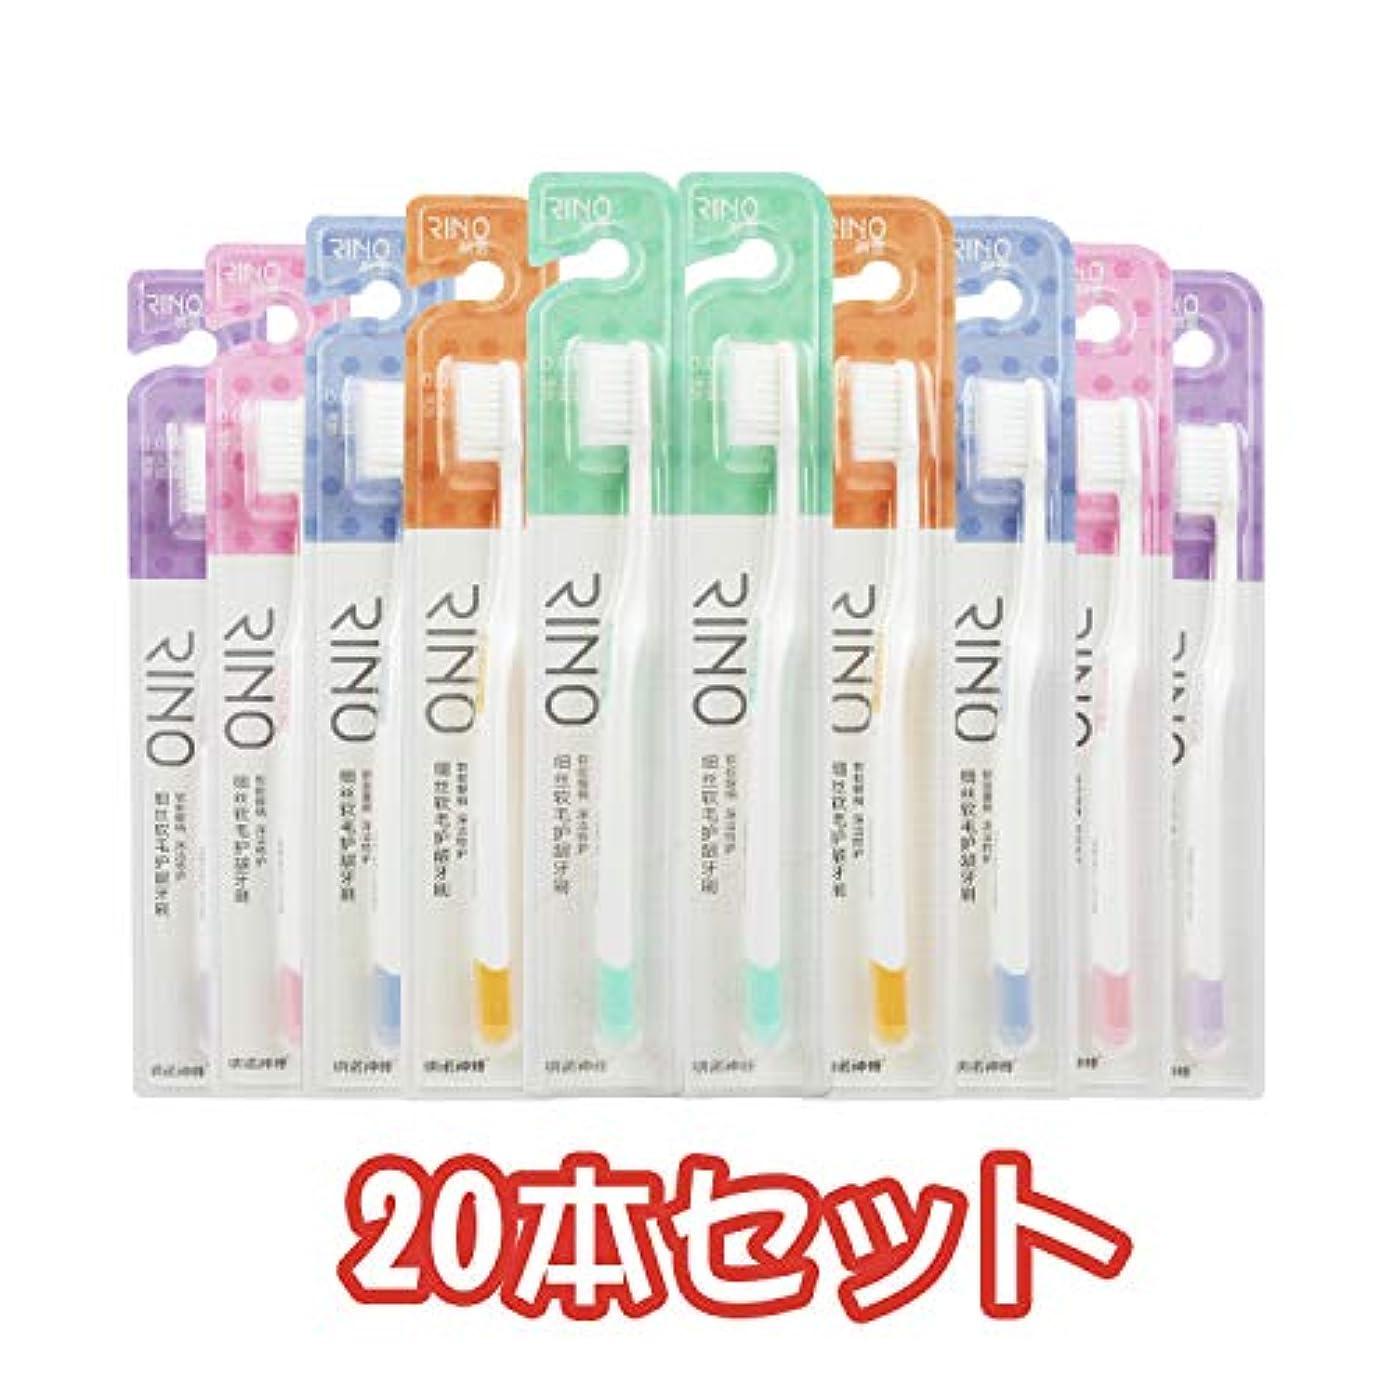 疾患孤児みぞれNano 20本セット やわらかい 歯ブラシ 大人用 耐久性 旅行用 歯ブラシ 卸売価格 安い歯ブラシ